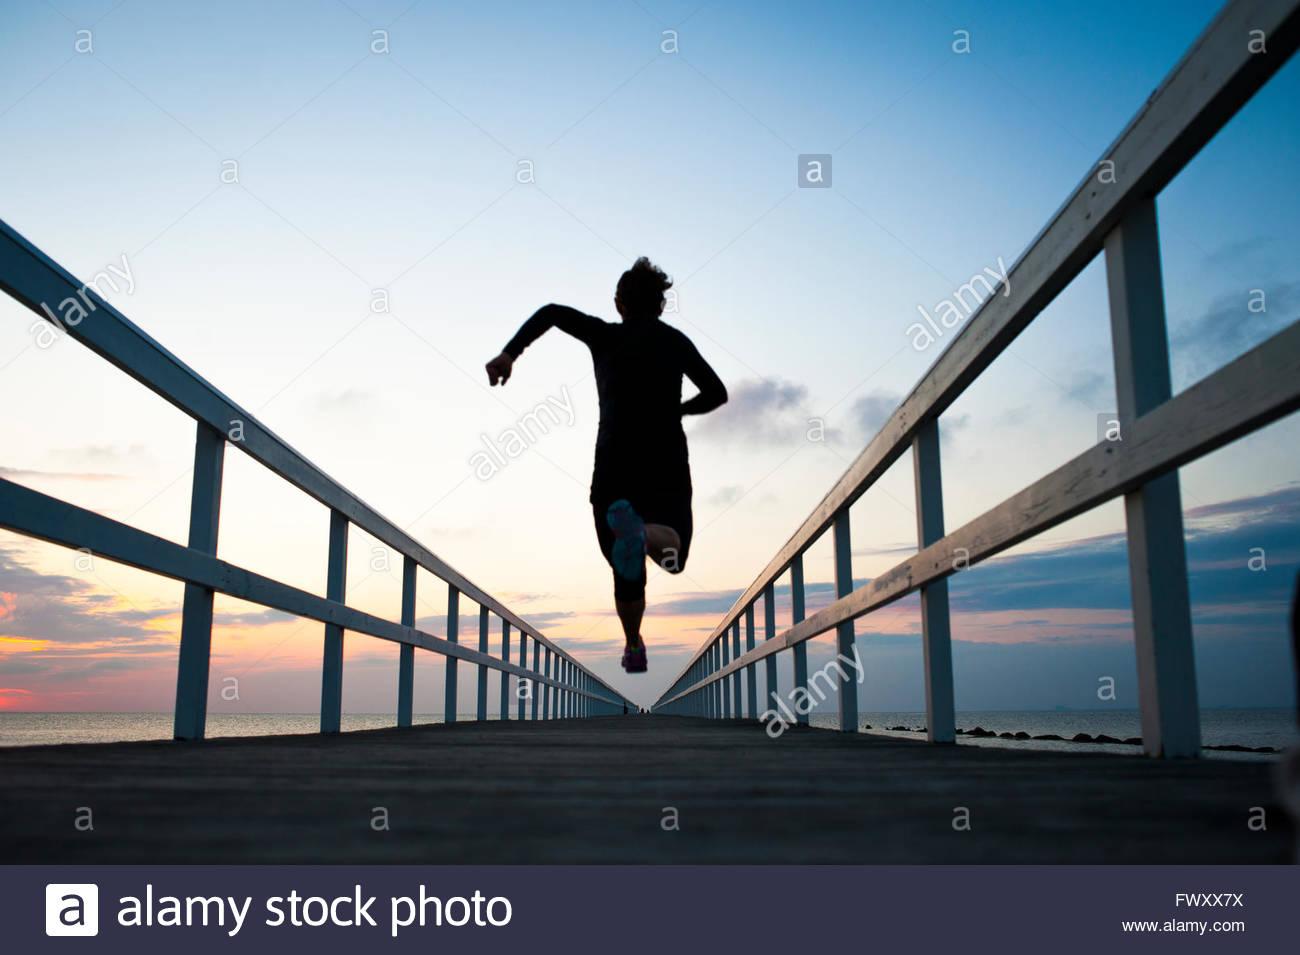 La Svezia, Skane, Malmo, giovane donna in esecuzione sul molo al tramonto Immagini Stock